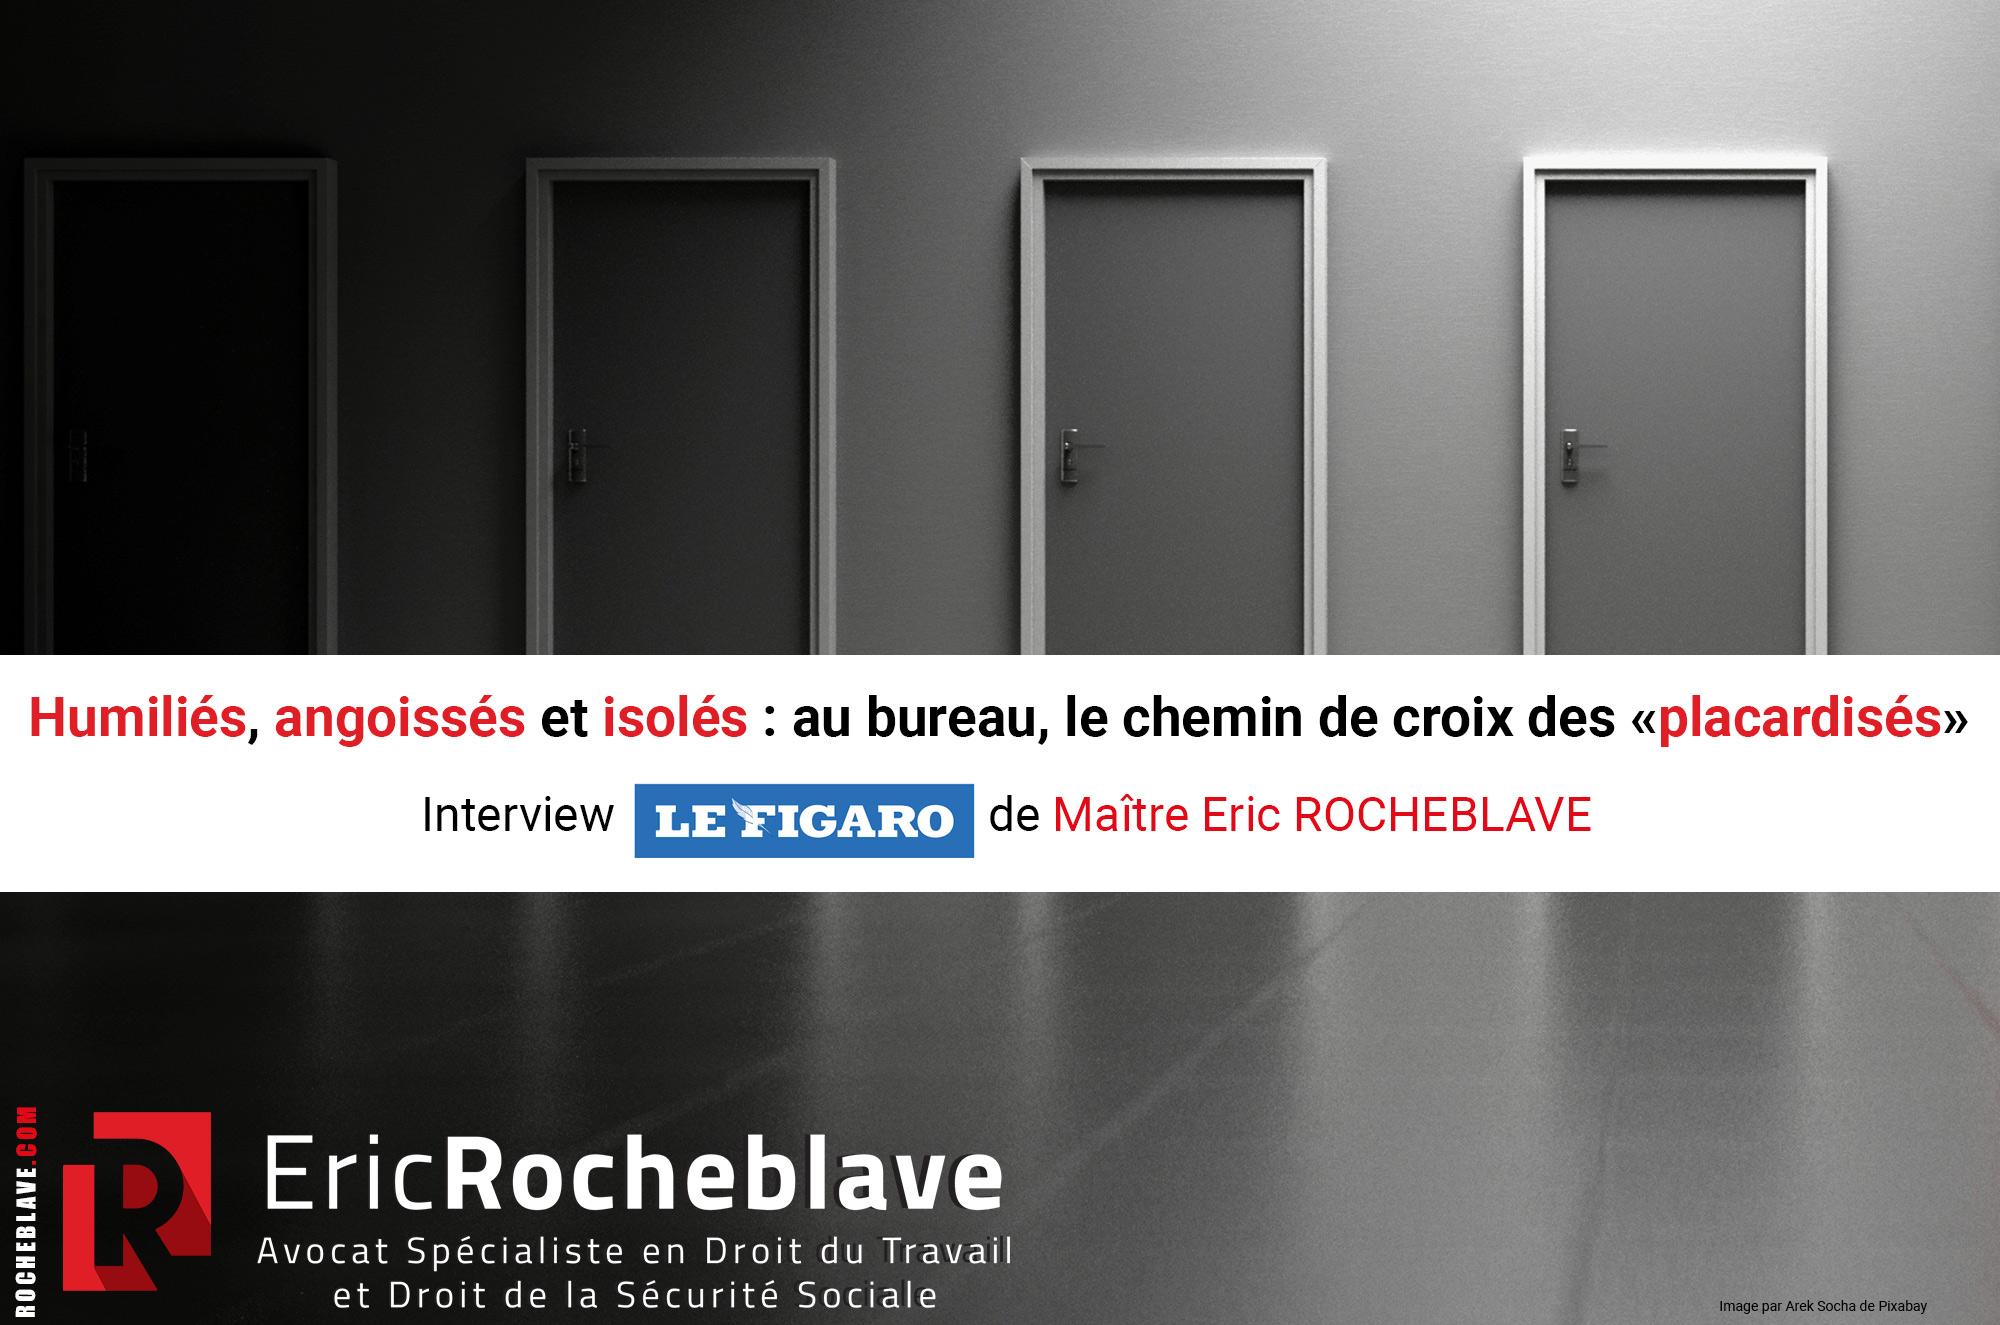 Humiliés, angoissés et isolés: au bureau, le chemin de croix des «placardisés» Interview Le Figaro de Maître Eric ROCHEBLAVE